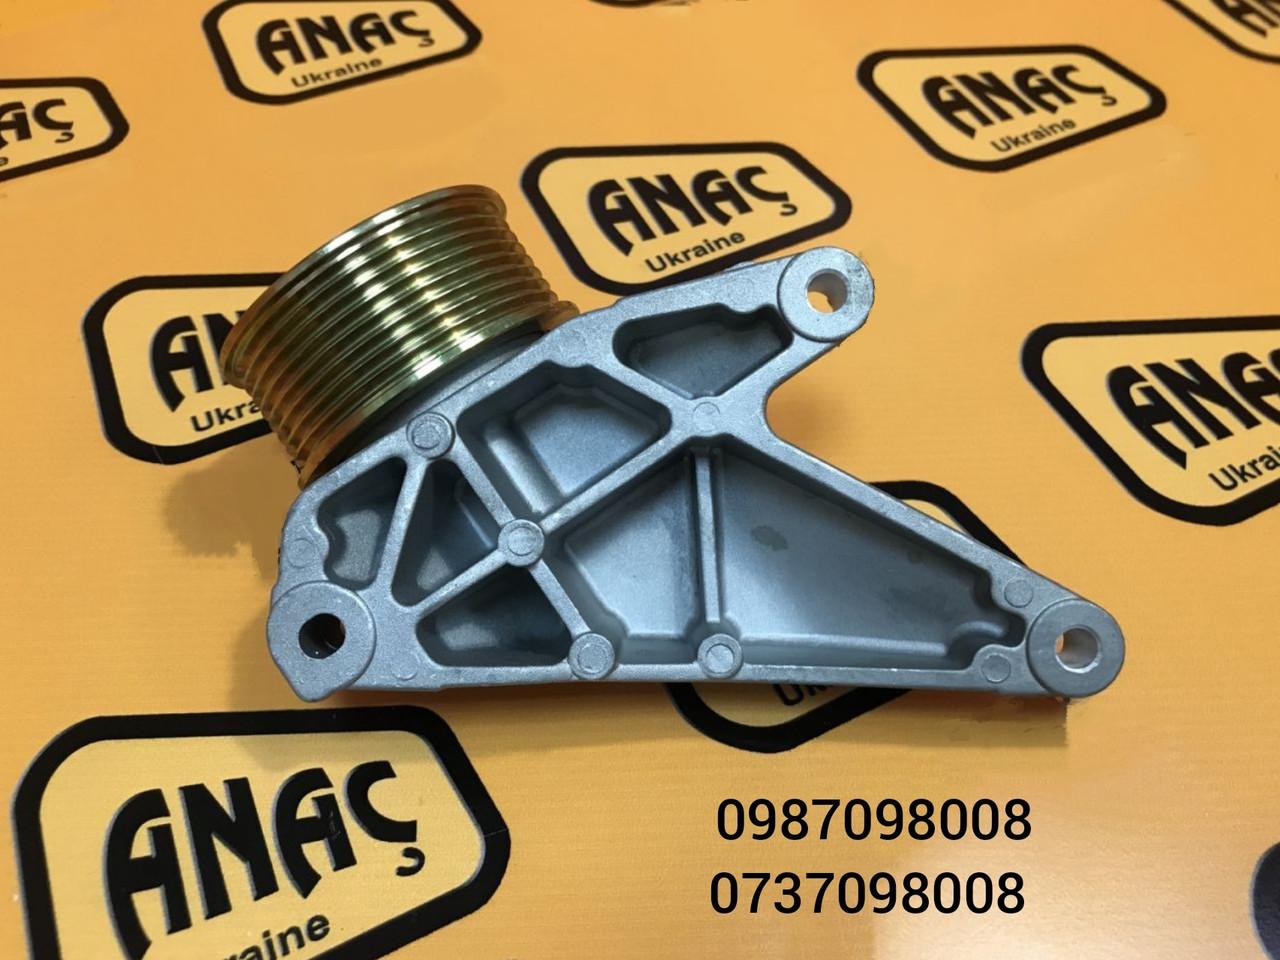 Ролик натяжной, для двигателя на JCB 3CX, 4CX ,  номер : 320/08586, 320/08588, 320/08724, 320/08587